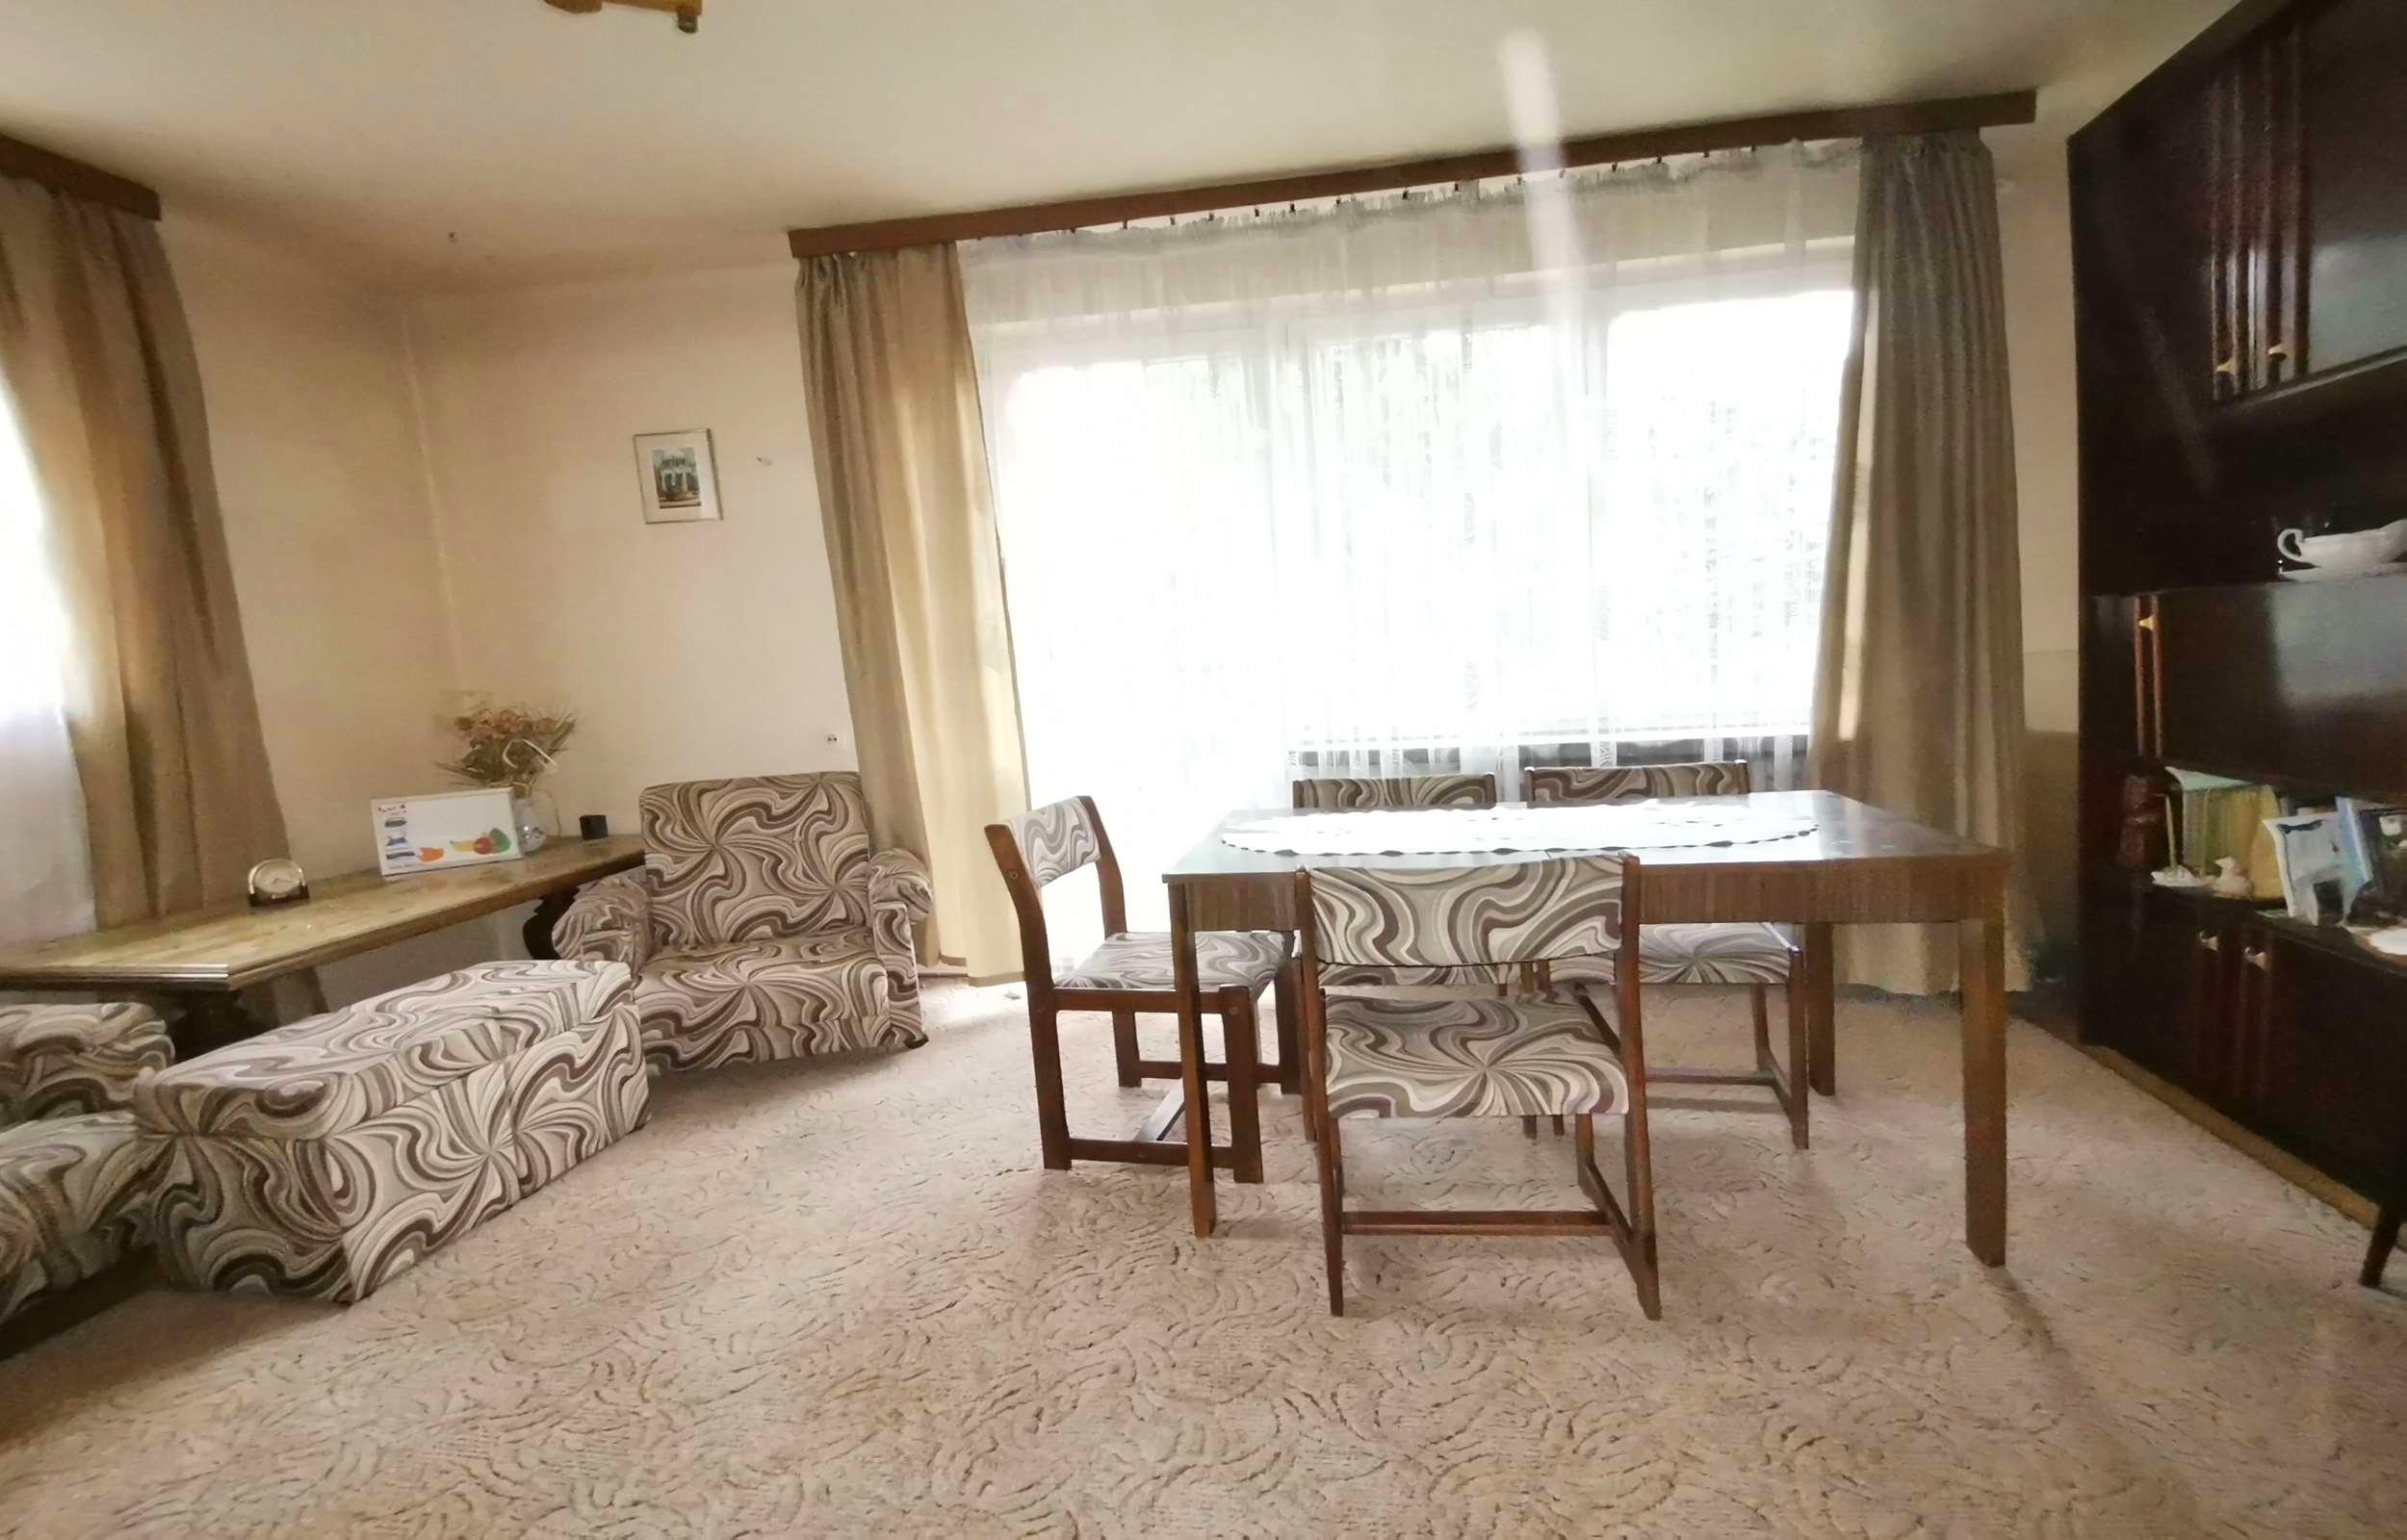 mieszkanie zamosc pilsudskiego - mieszkanie na sprzedaż - Krzysztof Górski Nieruchomości Zamość